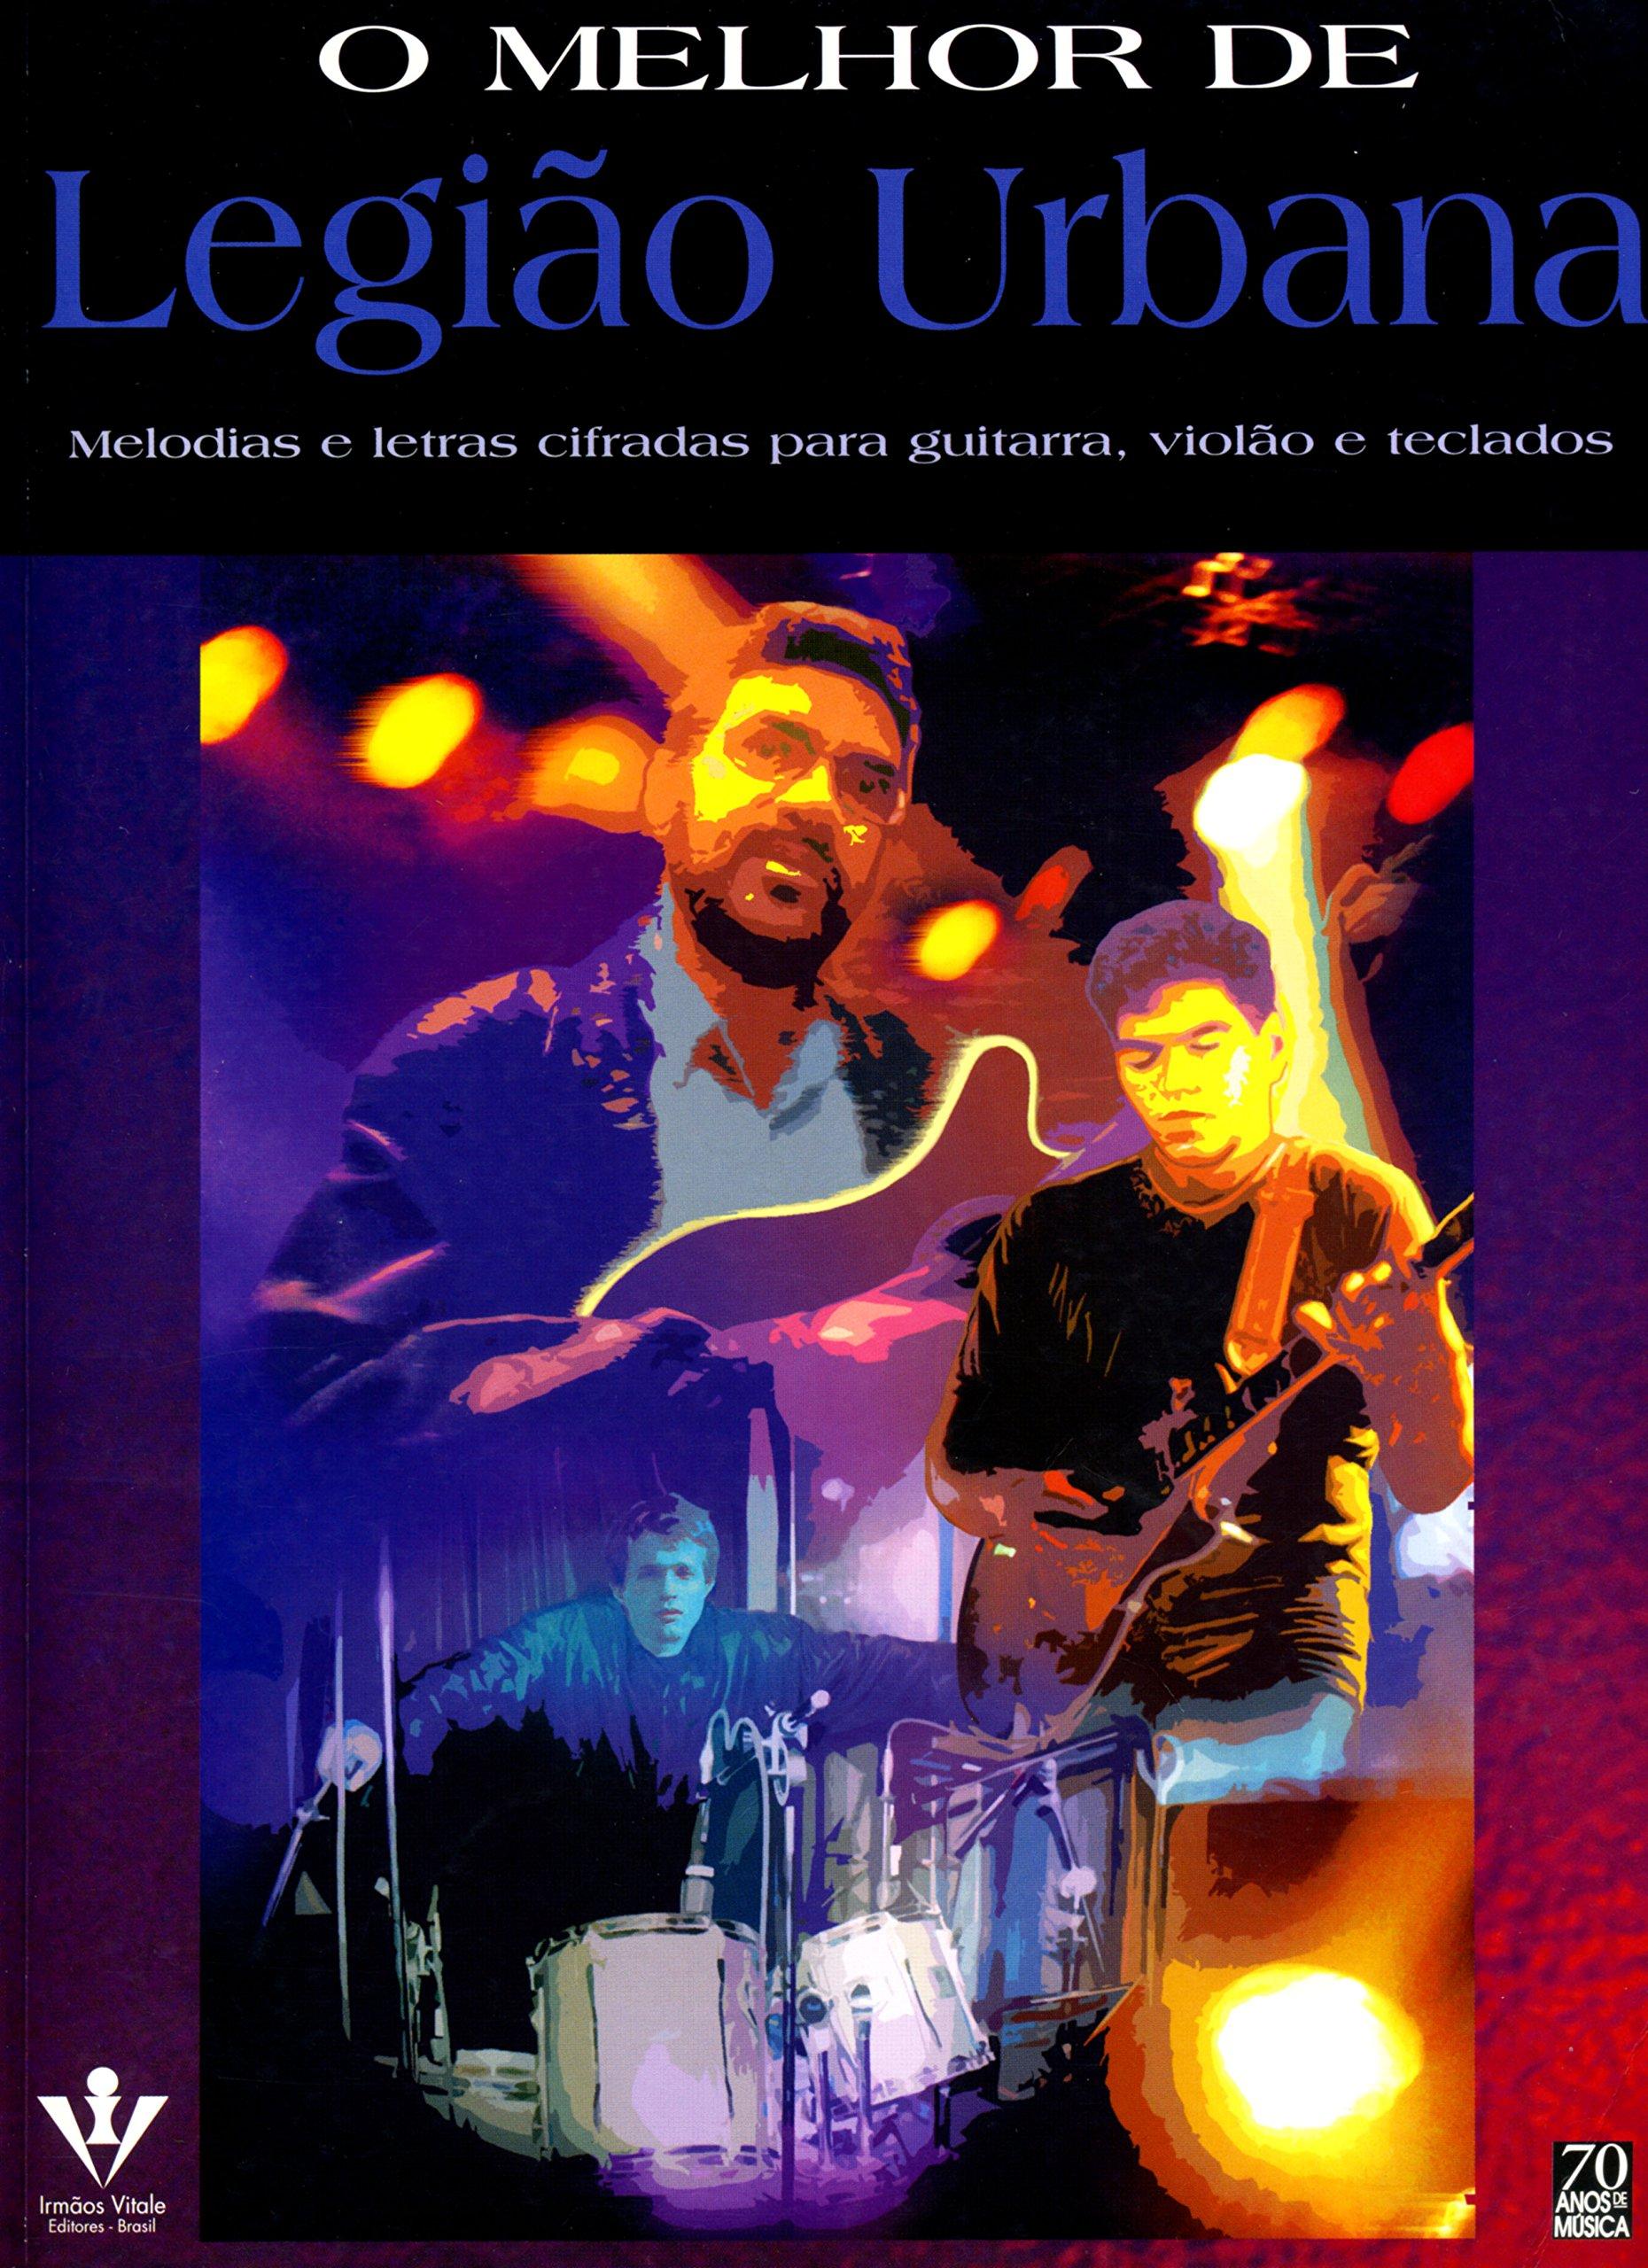 O Melhor de Legi~ao Urbana: Melodias E Letras Cifradas Para Guitarra, Viol~ao E Teclados: Vários Autores: 9788574070421: Amazon.com: Books